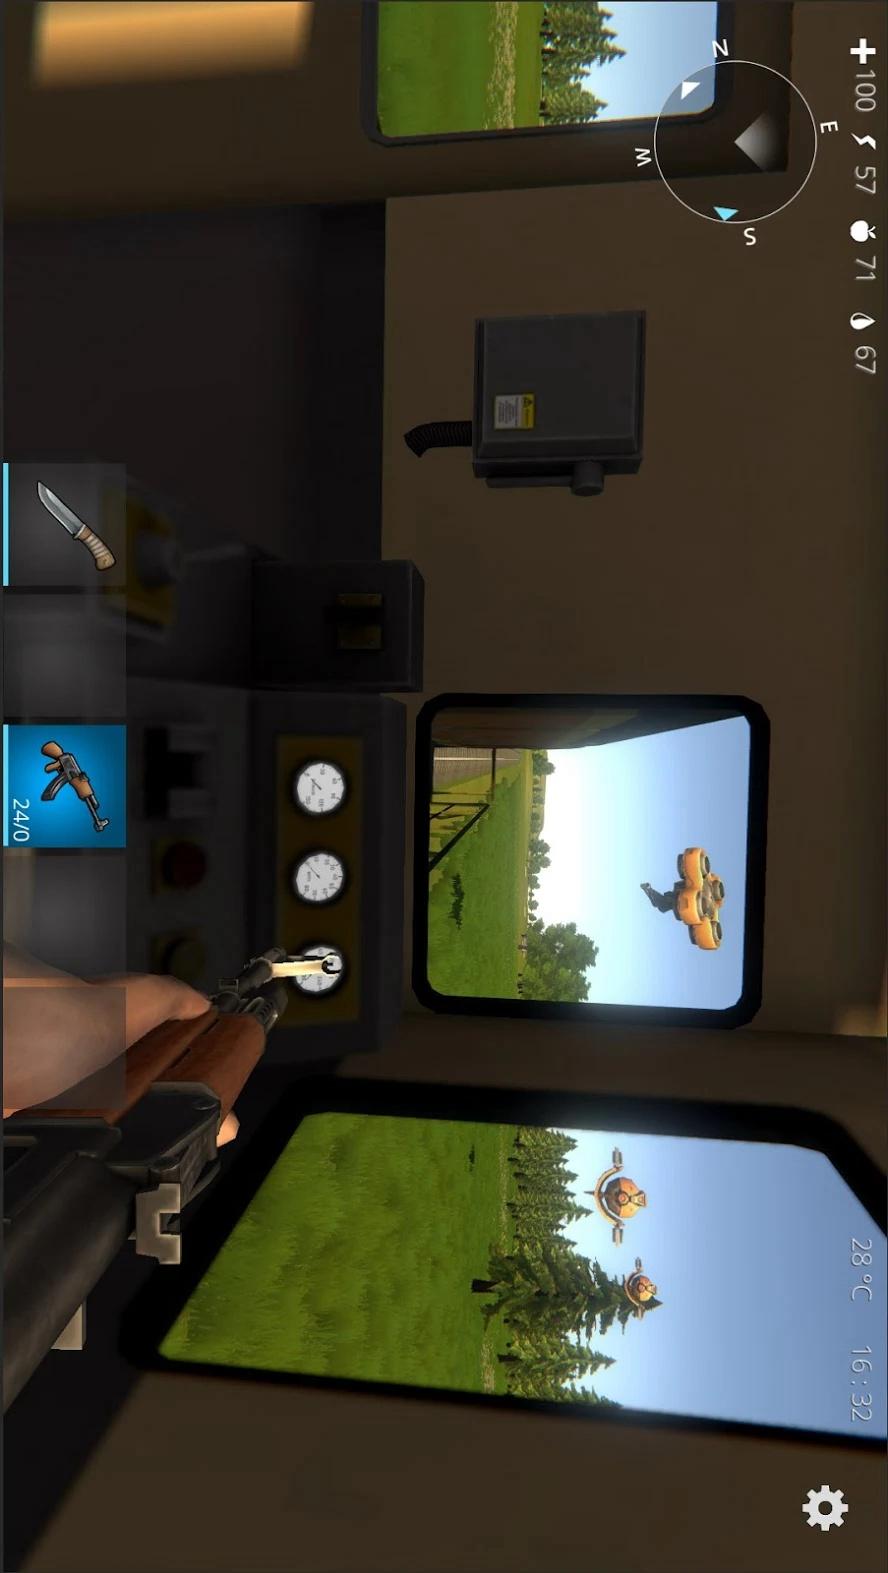 海洋之家2游戏截图